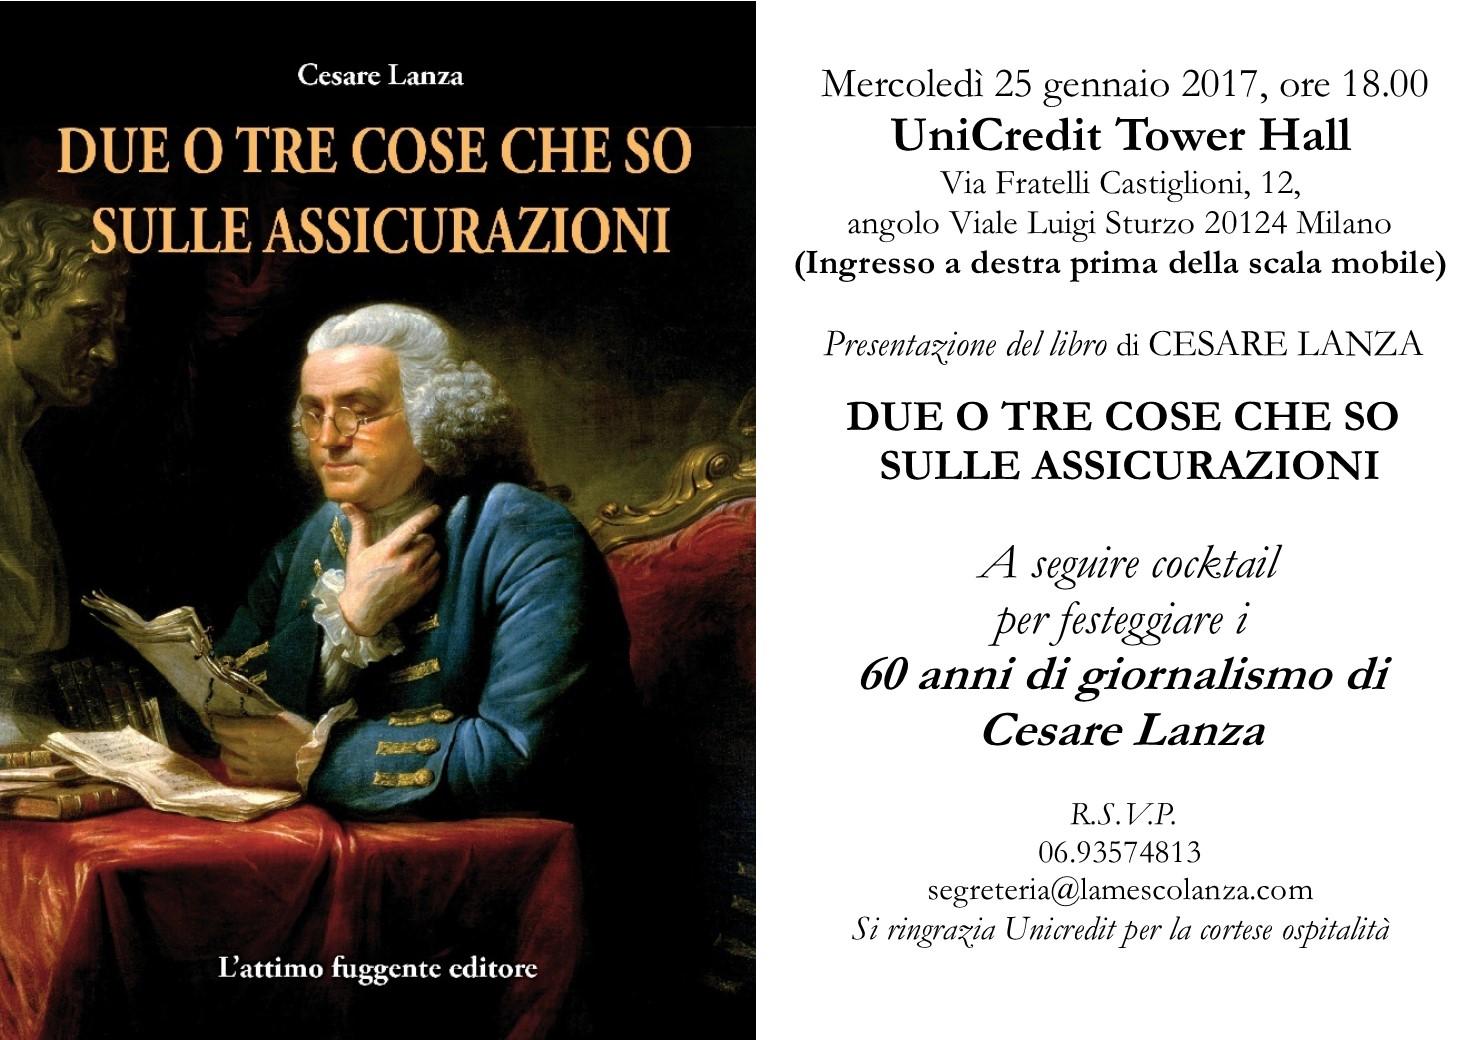 Invito 25 gennaio Milano